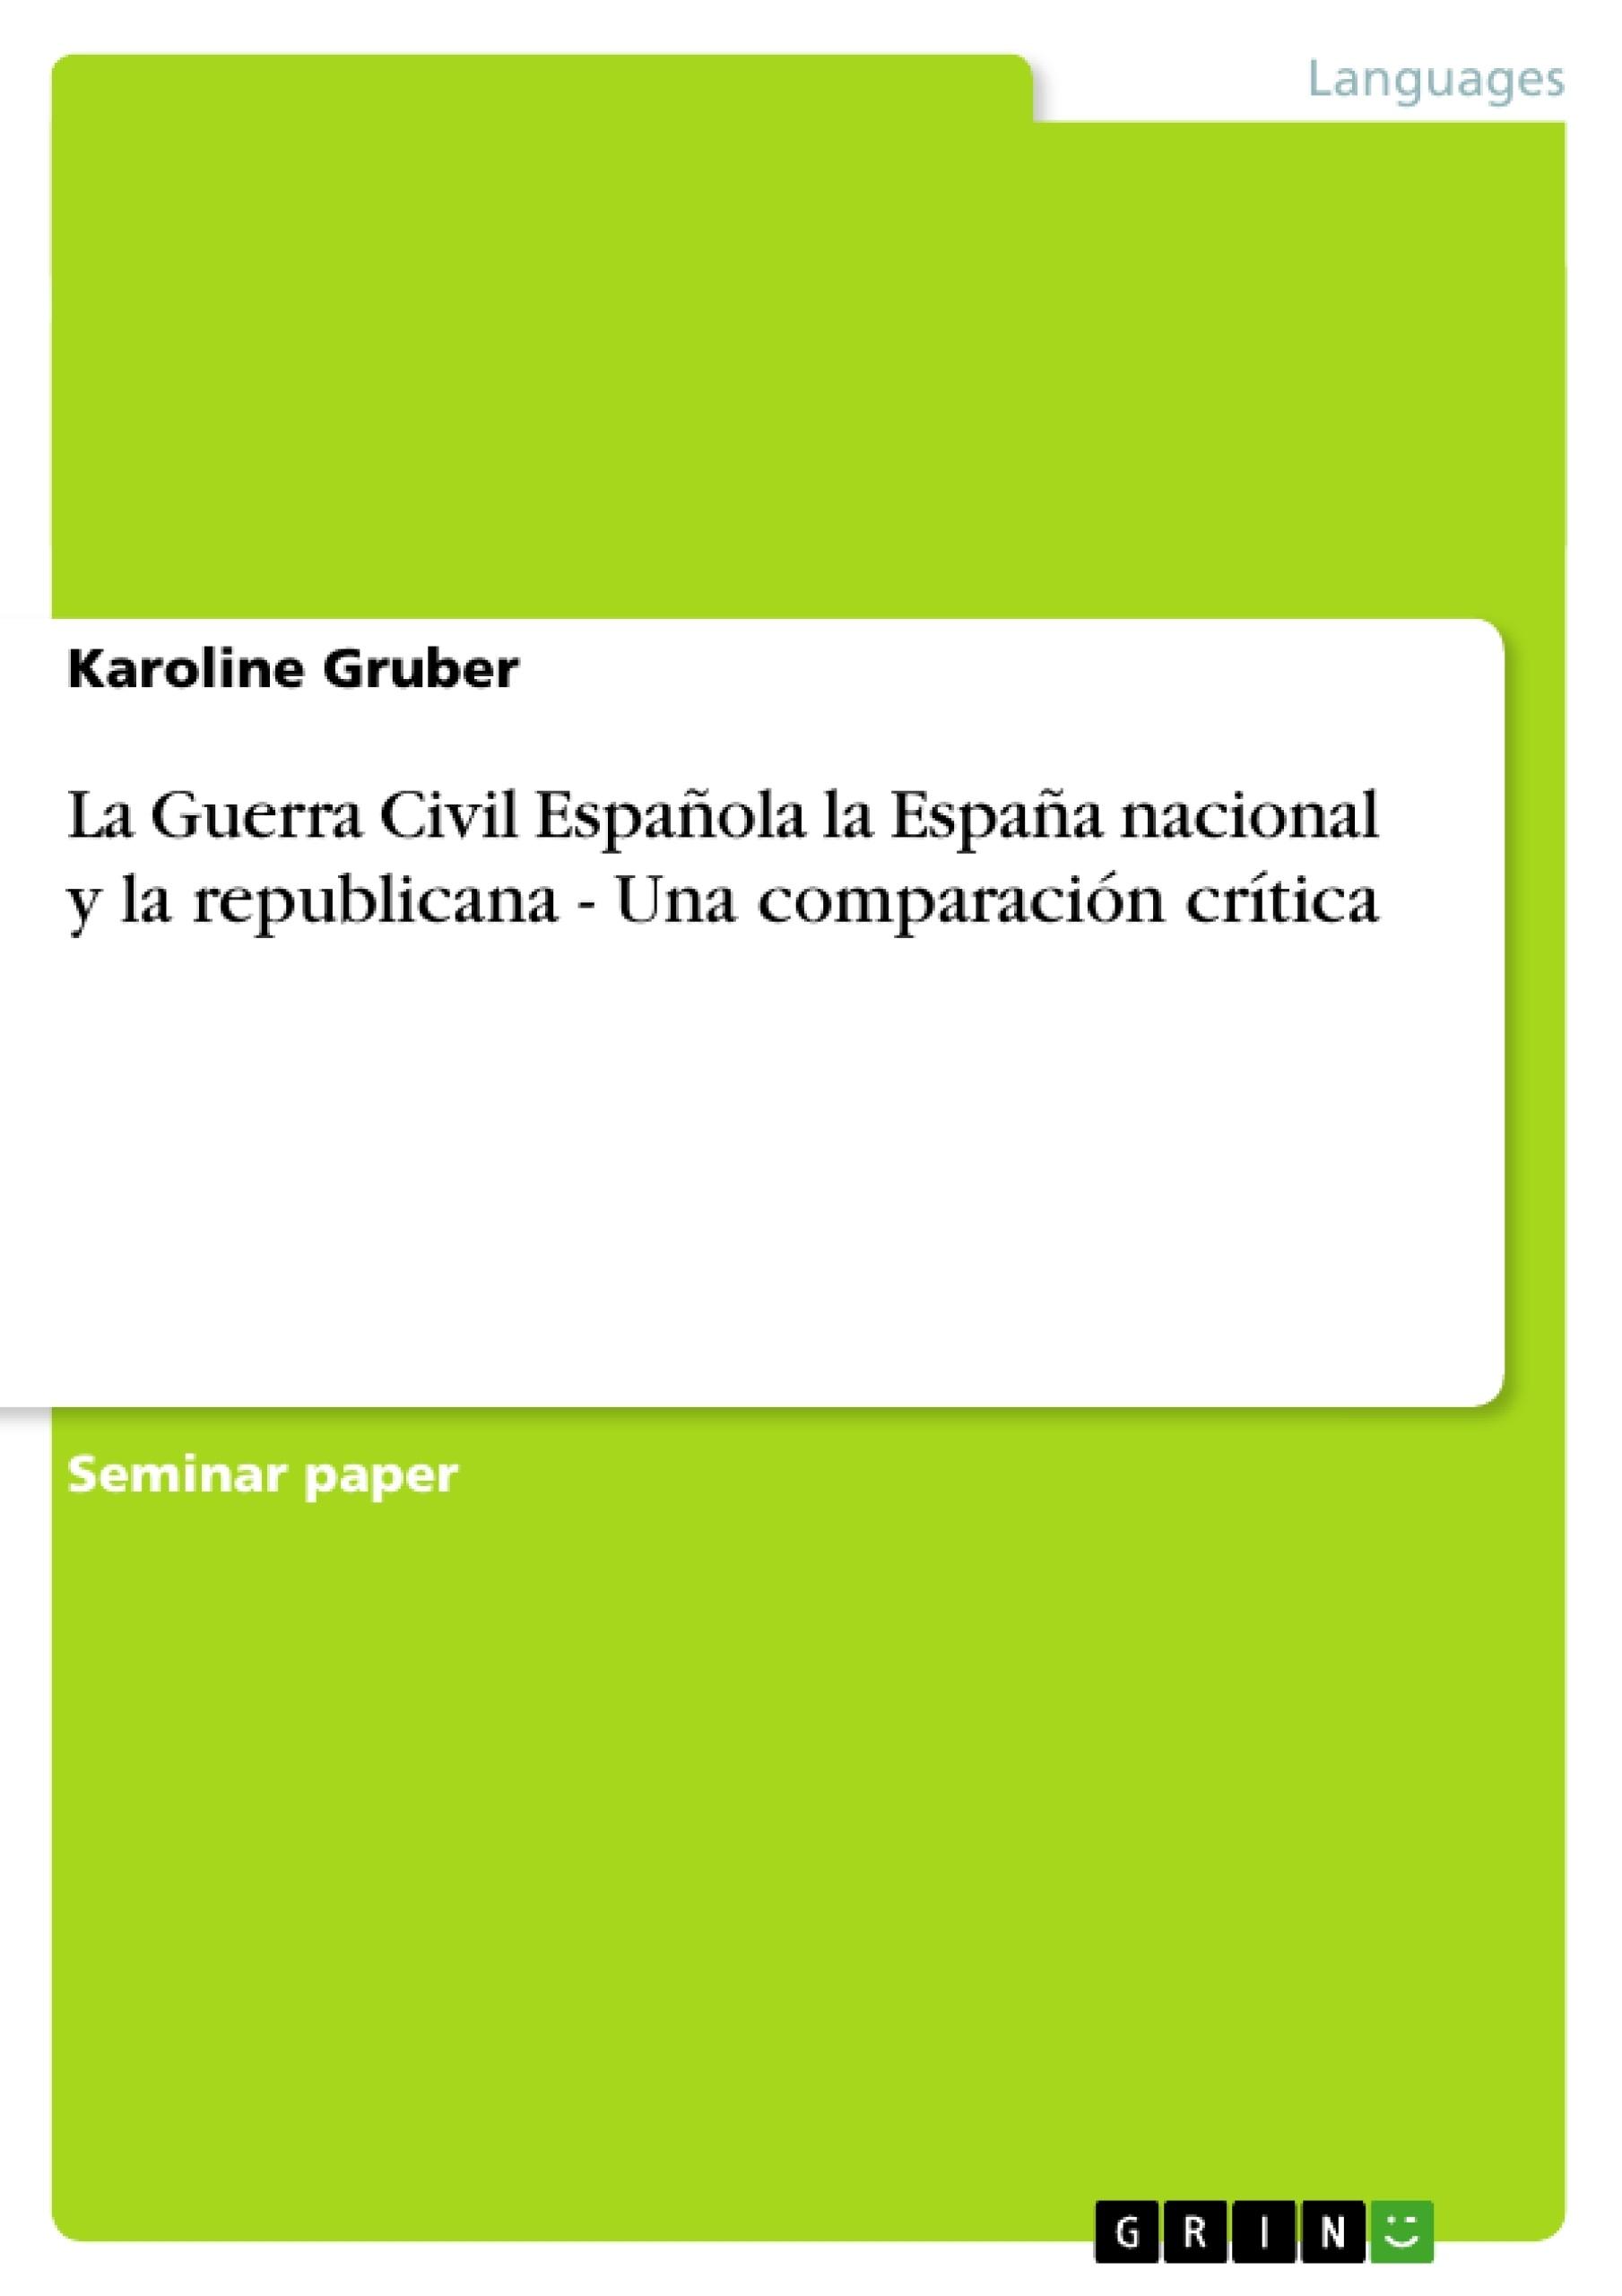 Título: La Guerra Civil Española la España nacional y la republicana - Una comparación crítica